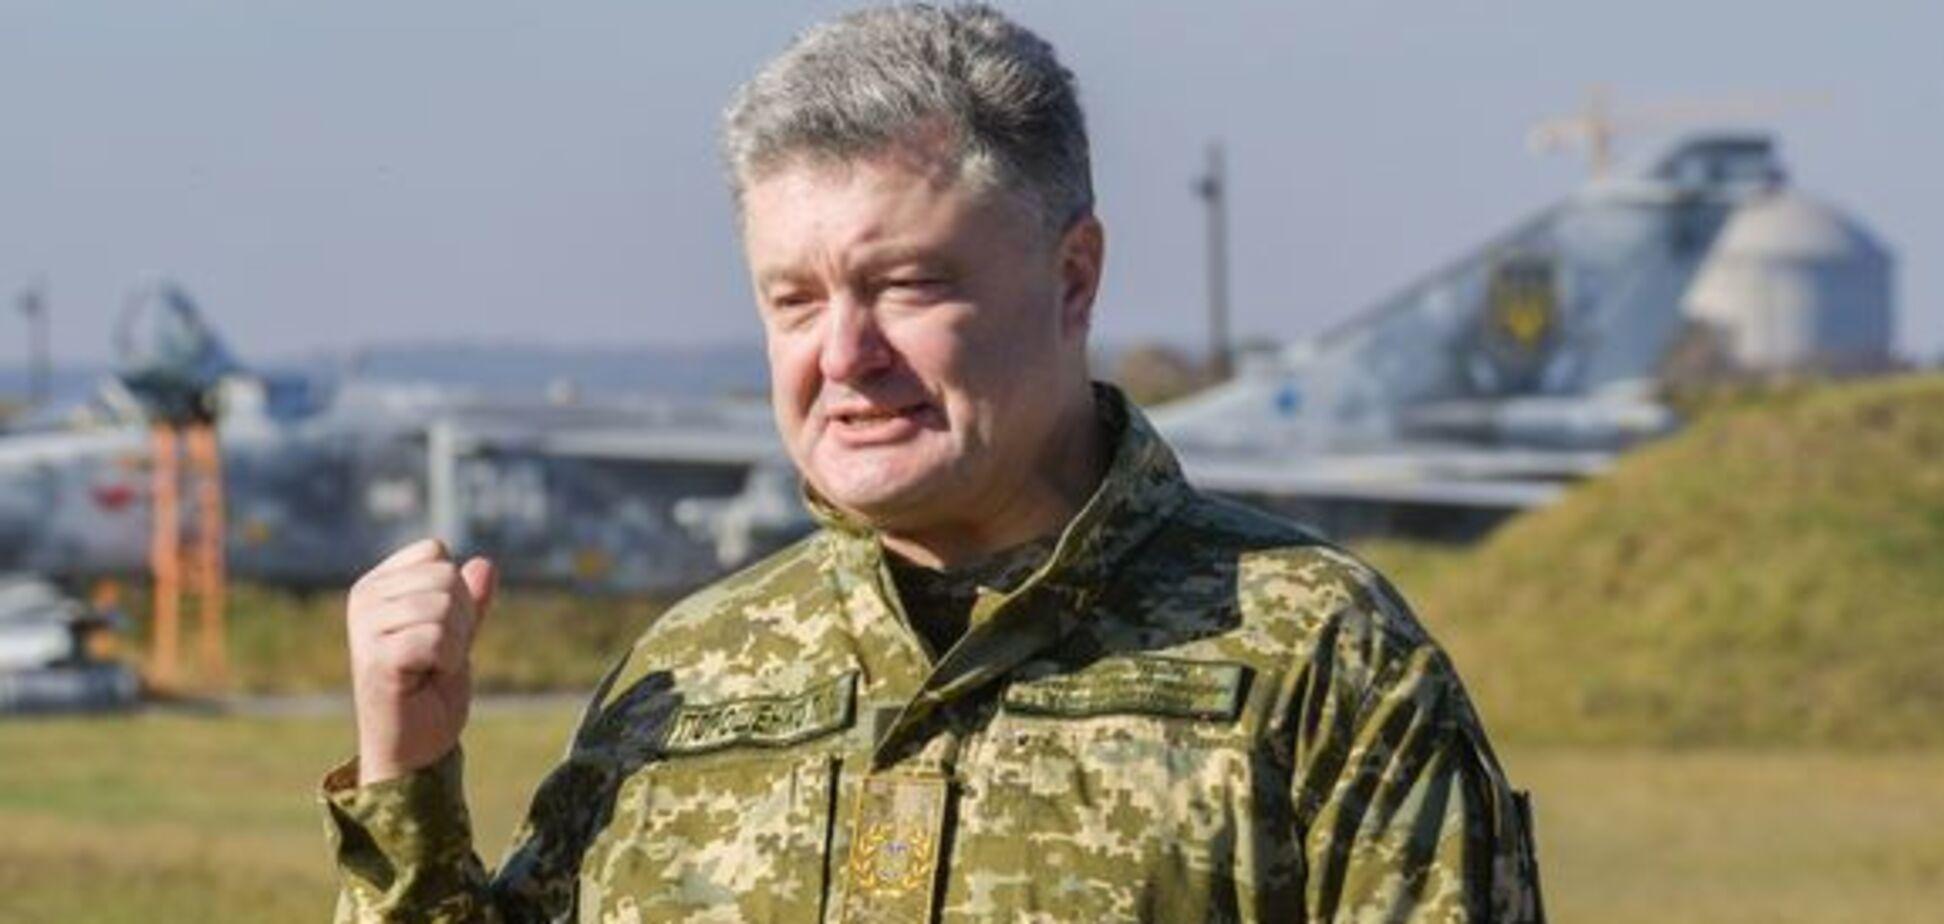 ''Тисячами будете лягати!'' Росіяни вибухнули погрозами через потужне послання Порошенка